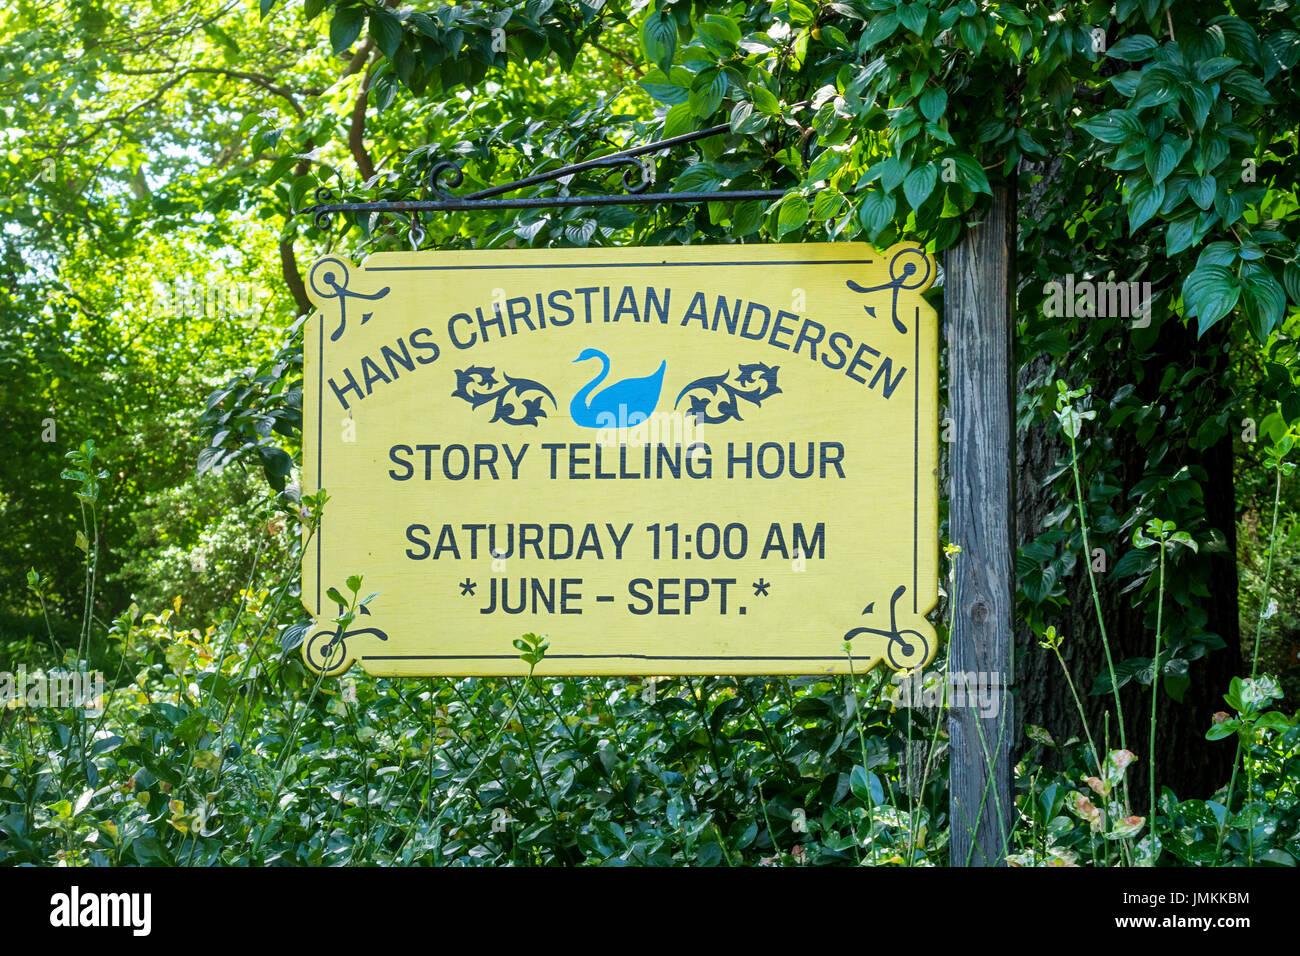 Un segno nel parco centrale di visualizzazione del tempo riservato per il settimanale di Hans Christian Andersen racconto ora Immagini Stock